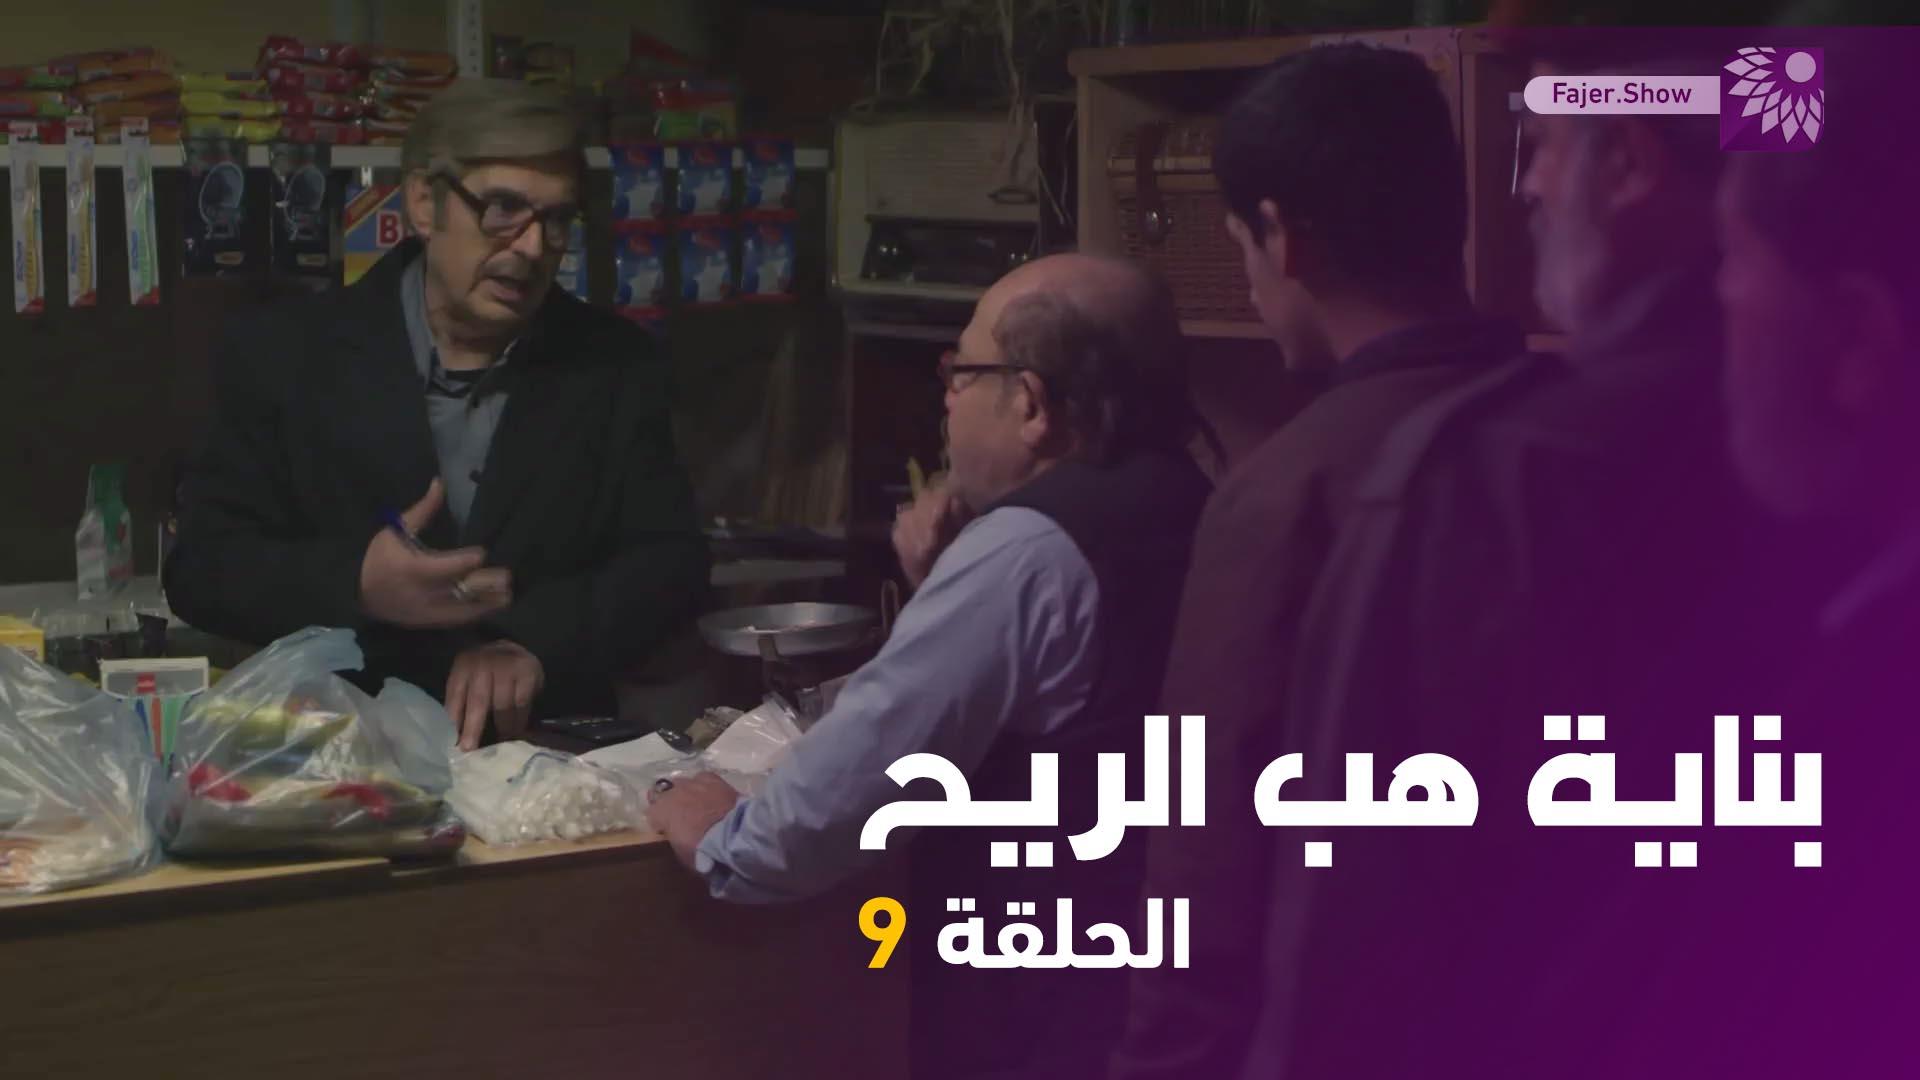 بناية هب الريح | الحلقة 9